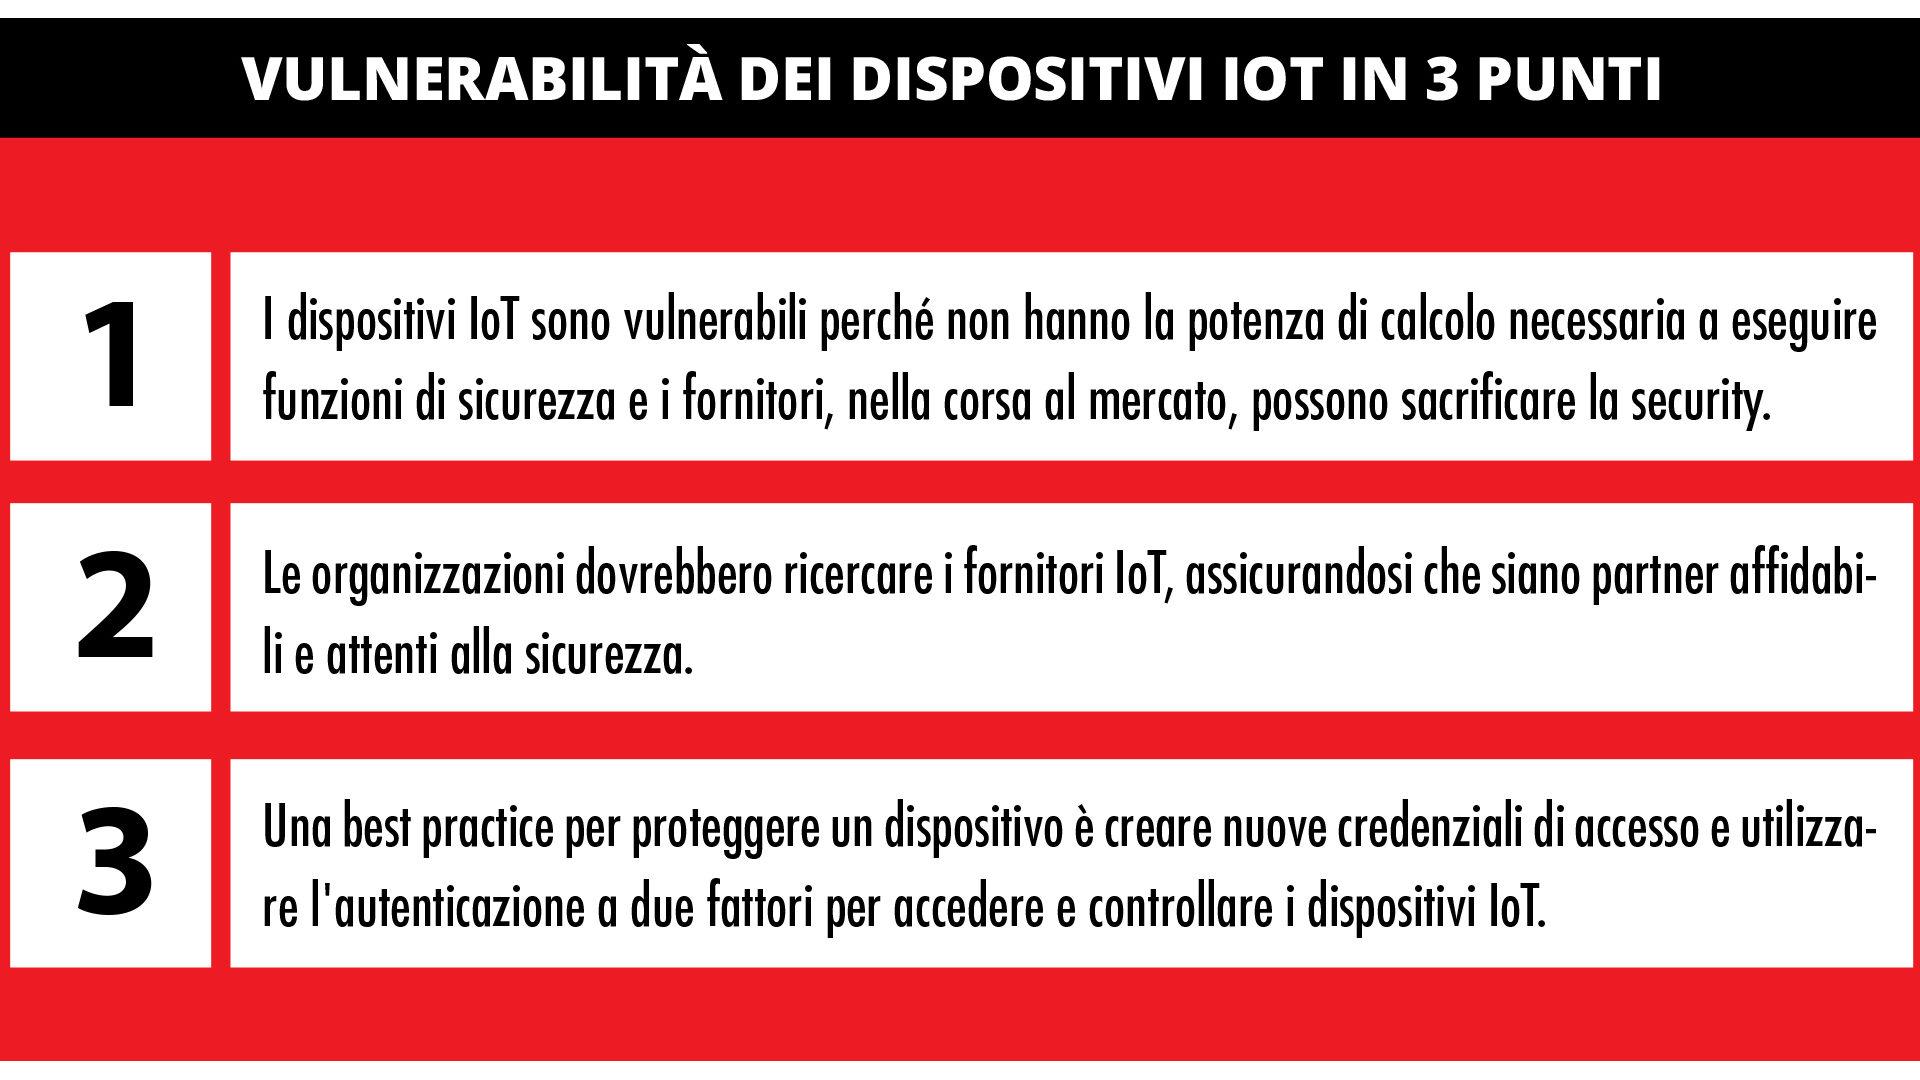 vulnerabilità dei dispositivi IoT